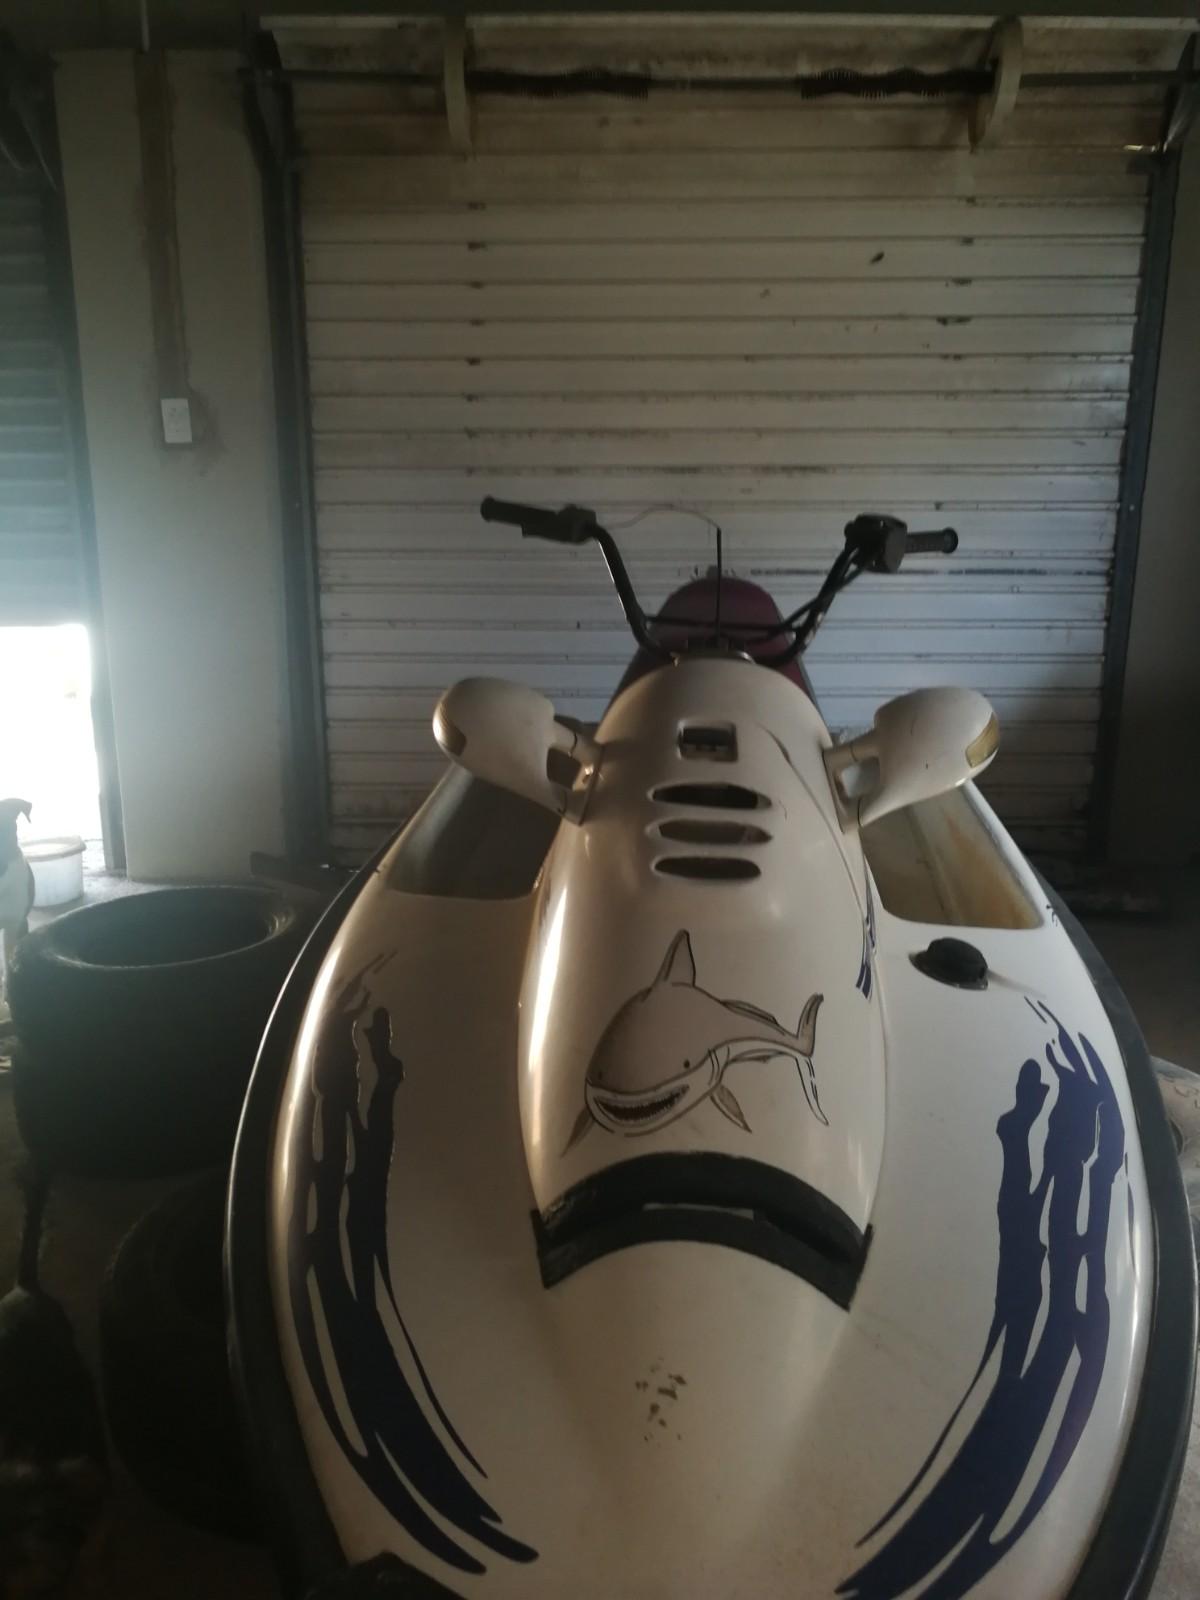 2x 770cc Tigershark Jet ski's 1997 | Junk Mail